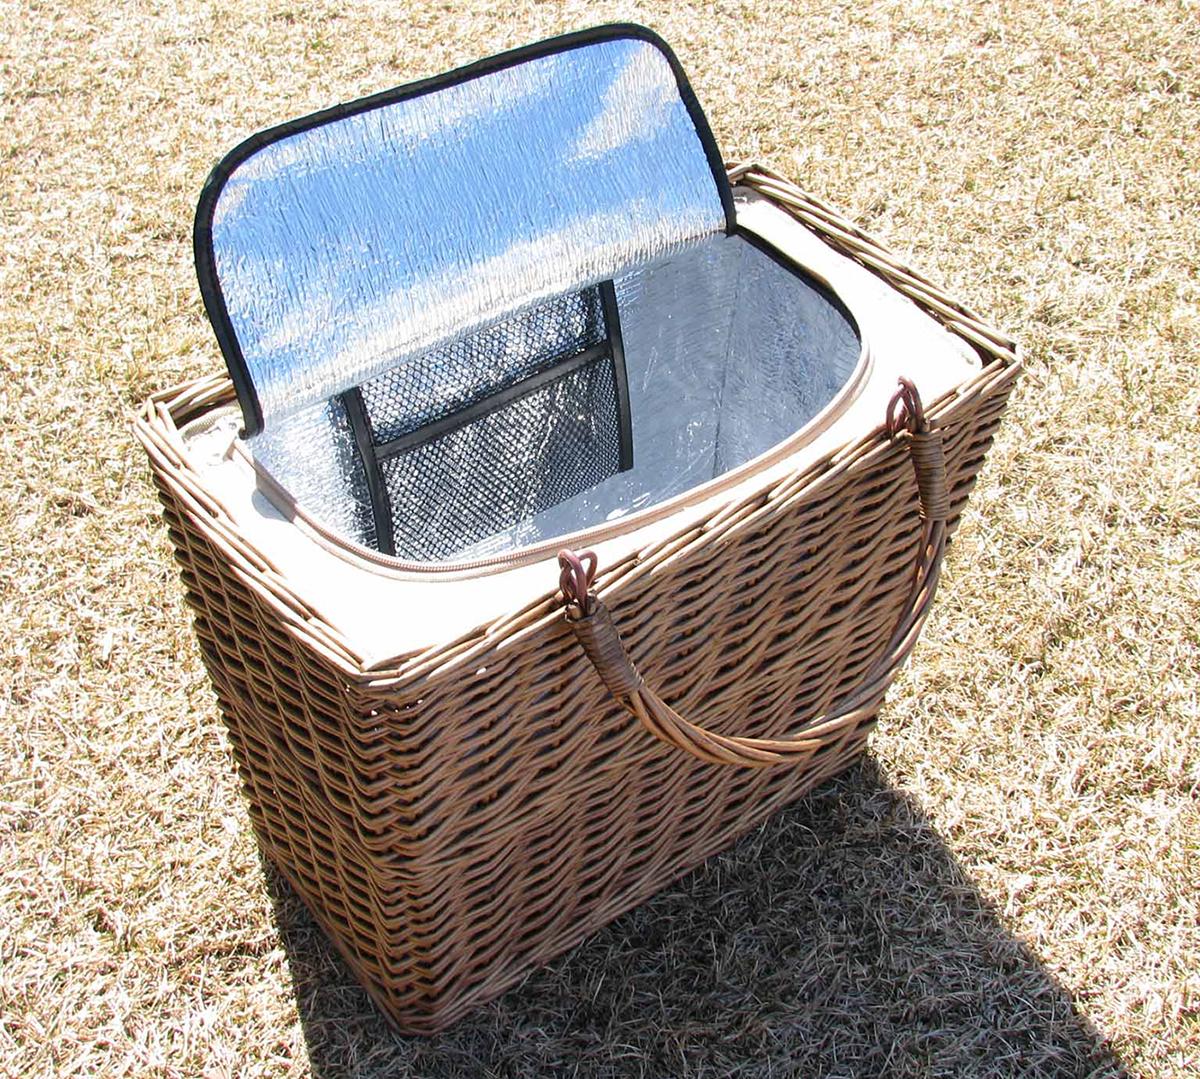 伝統的なバスケット、実は、便利な保冷バッグ|チェルシーフードクーラー